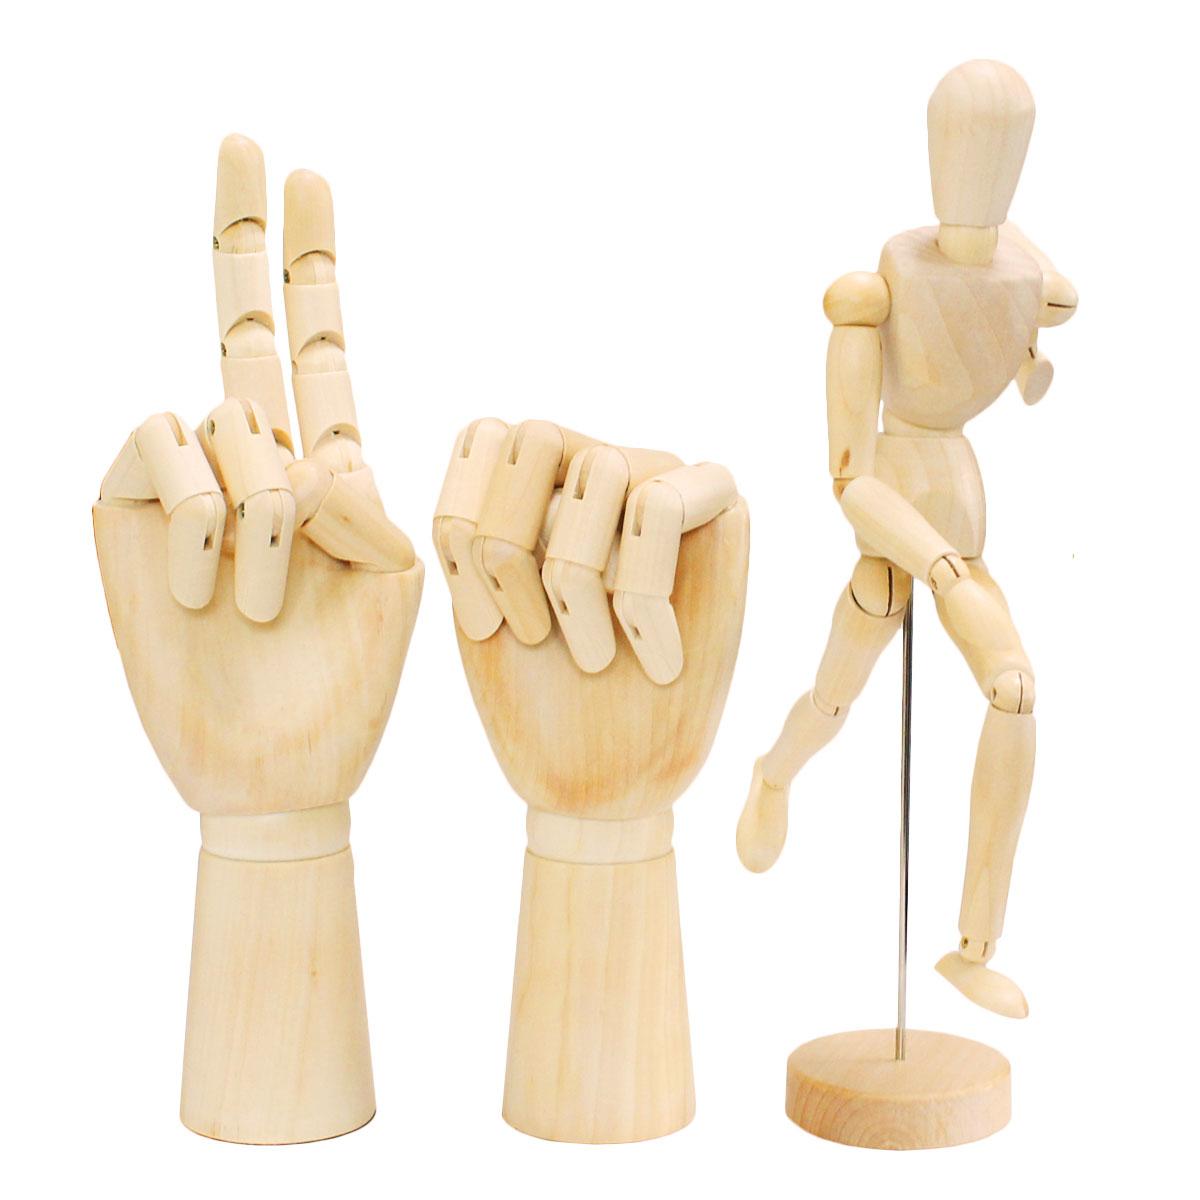 デッサン ドール 人形 ハンド マネキン 手 3点セット 木製